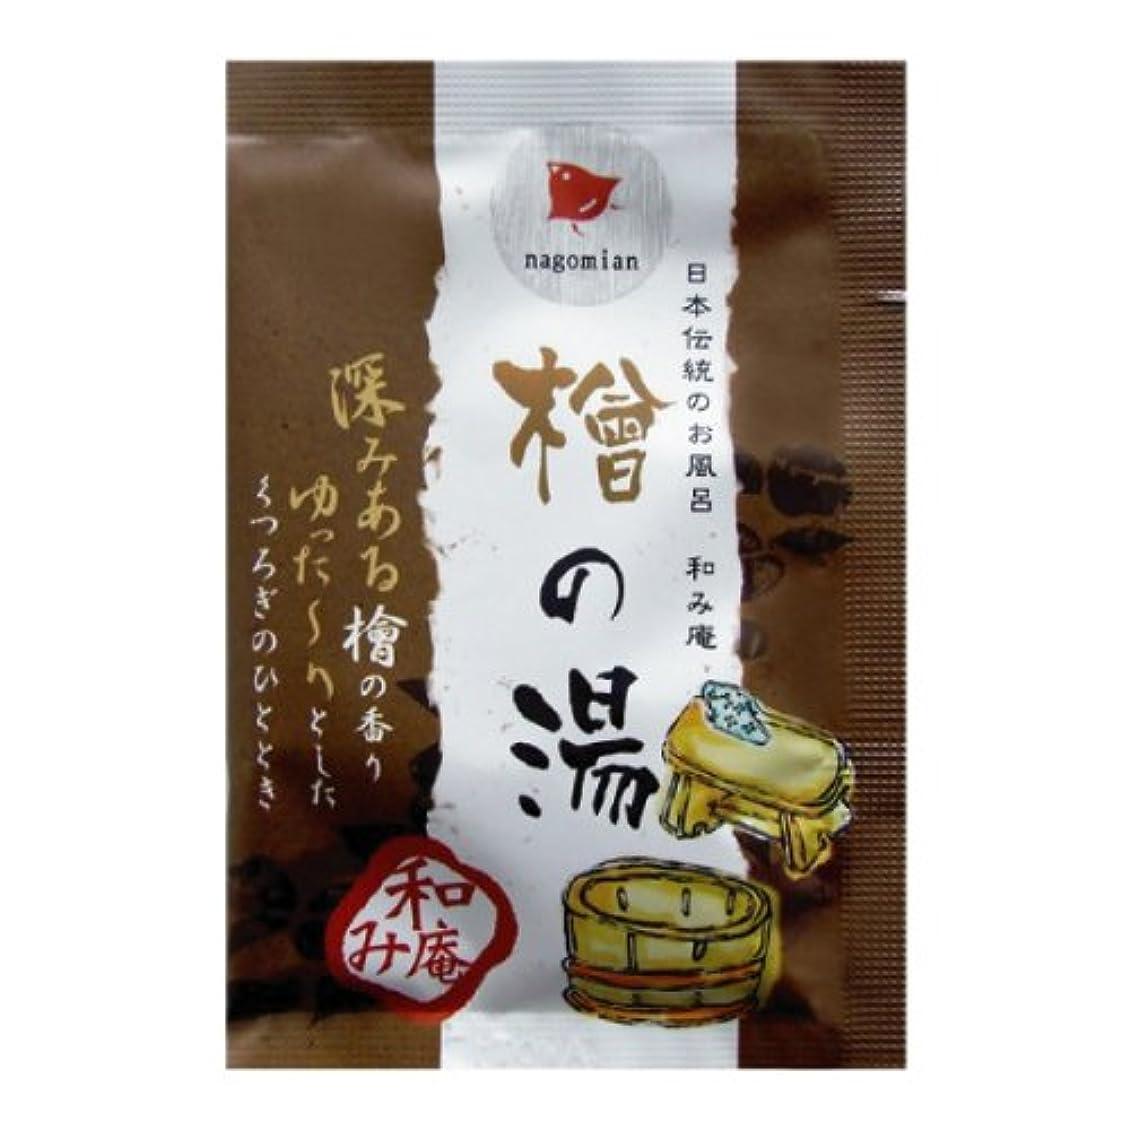 適切にレビュアー天井日本伝統のお風呂 和み庵 檜の湯 200包